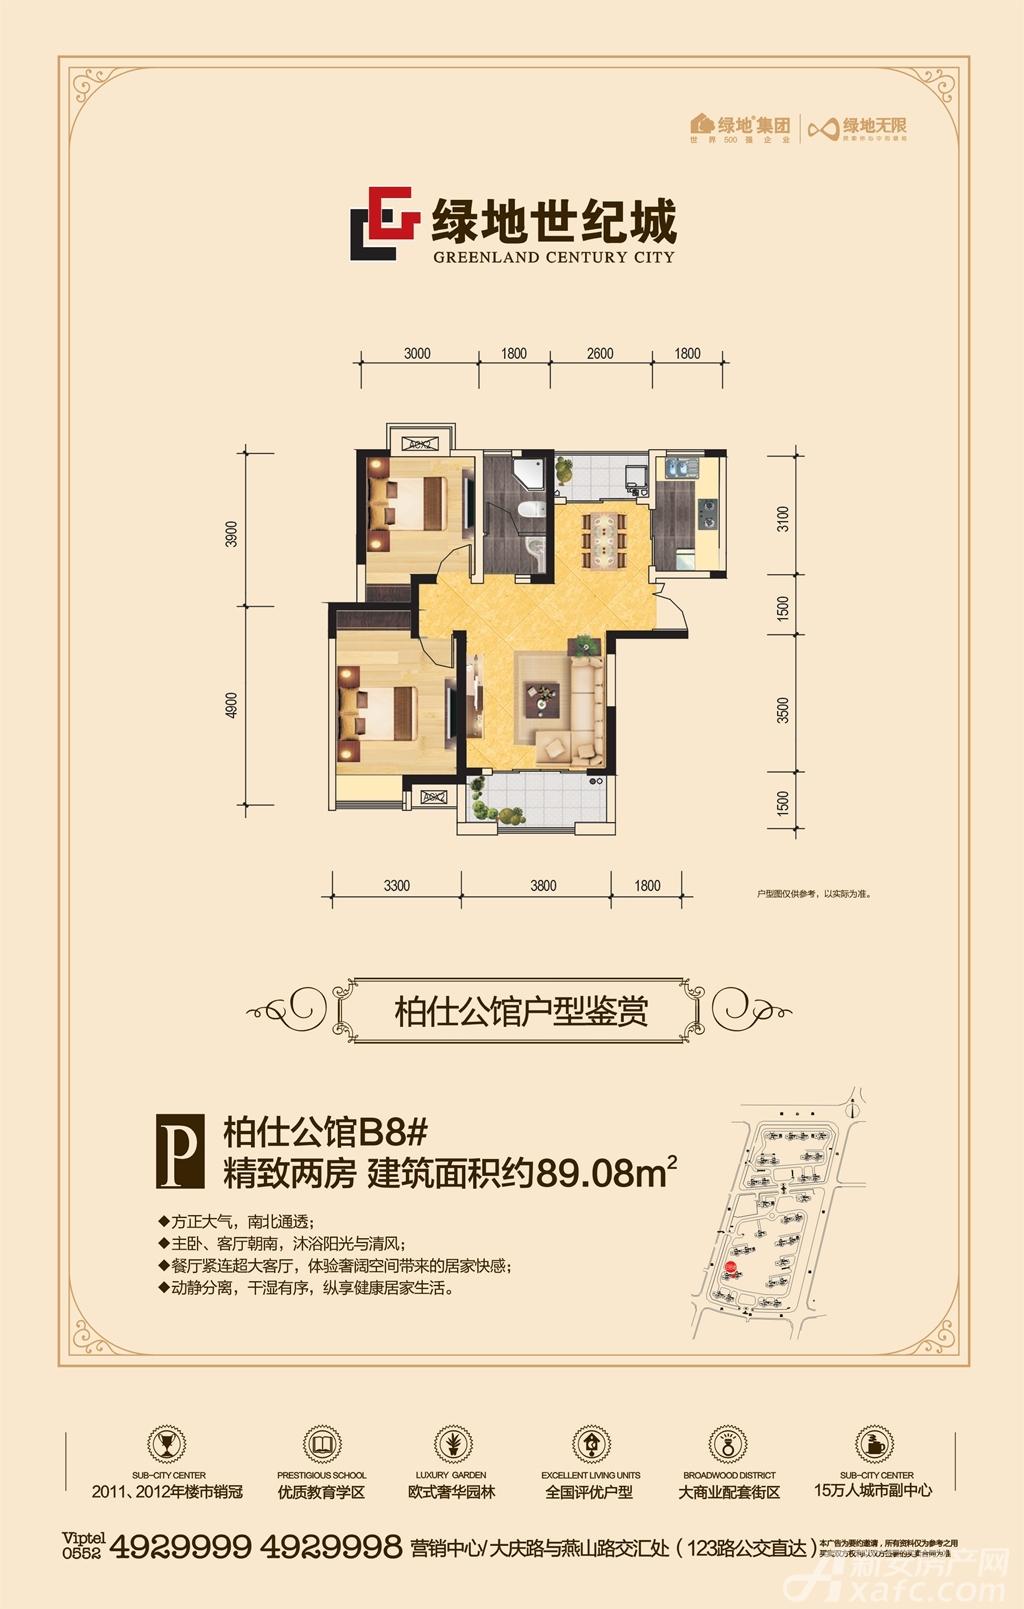 绿地世纪城绿地世纪城O柏庄公馆B8#P户型2室2厅89.08平米